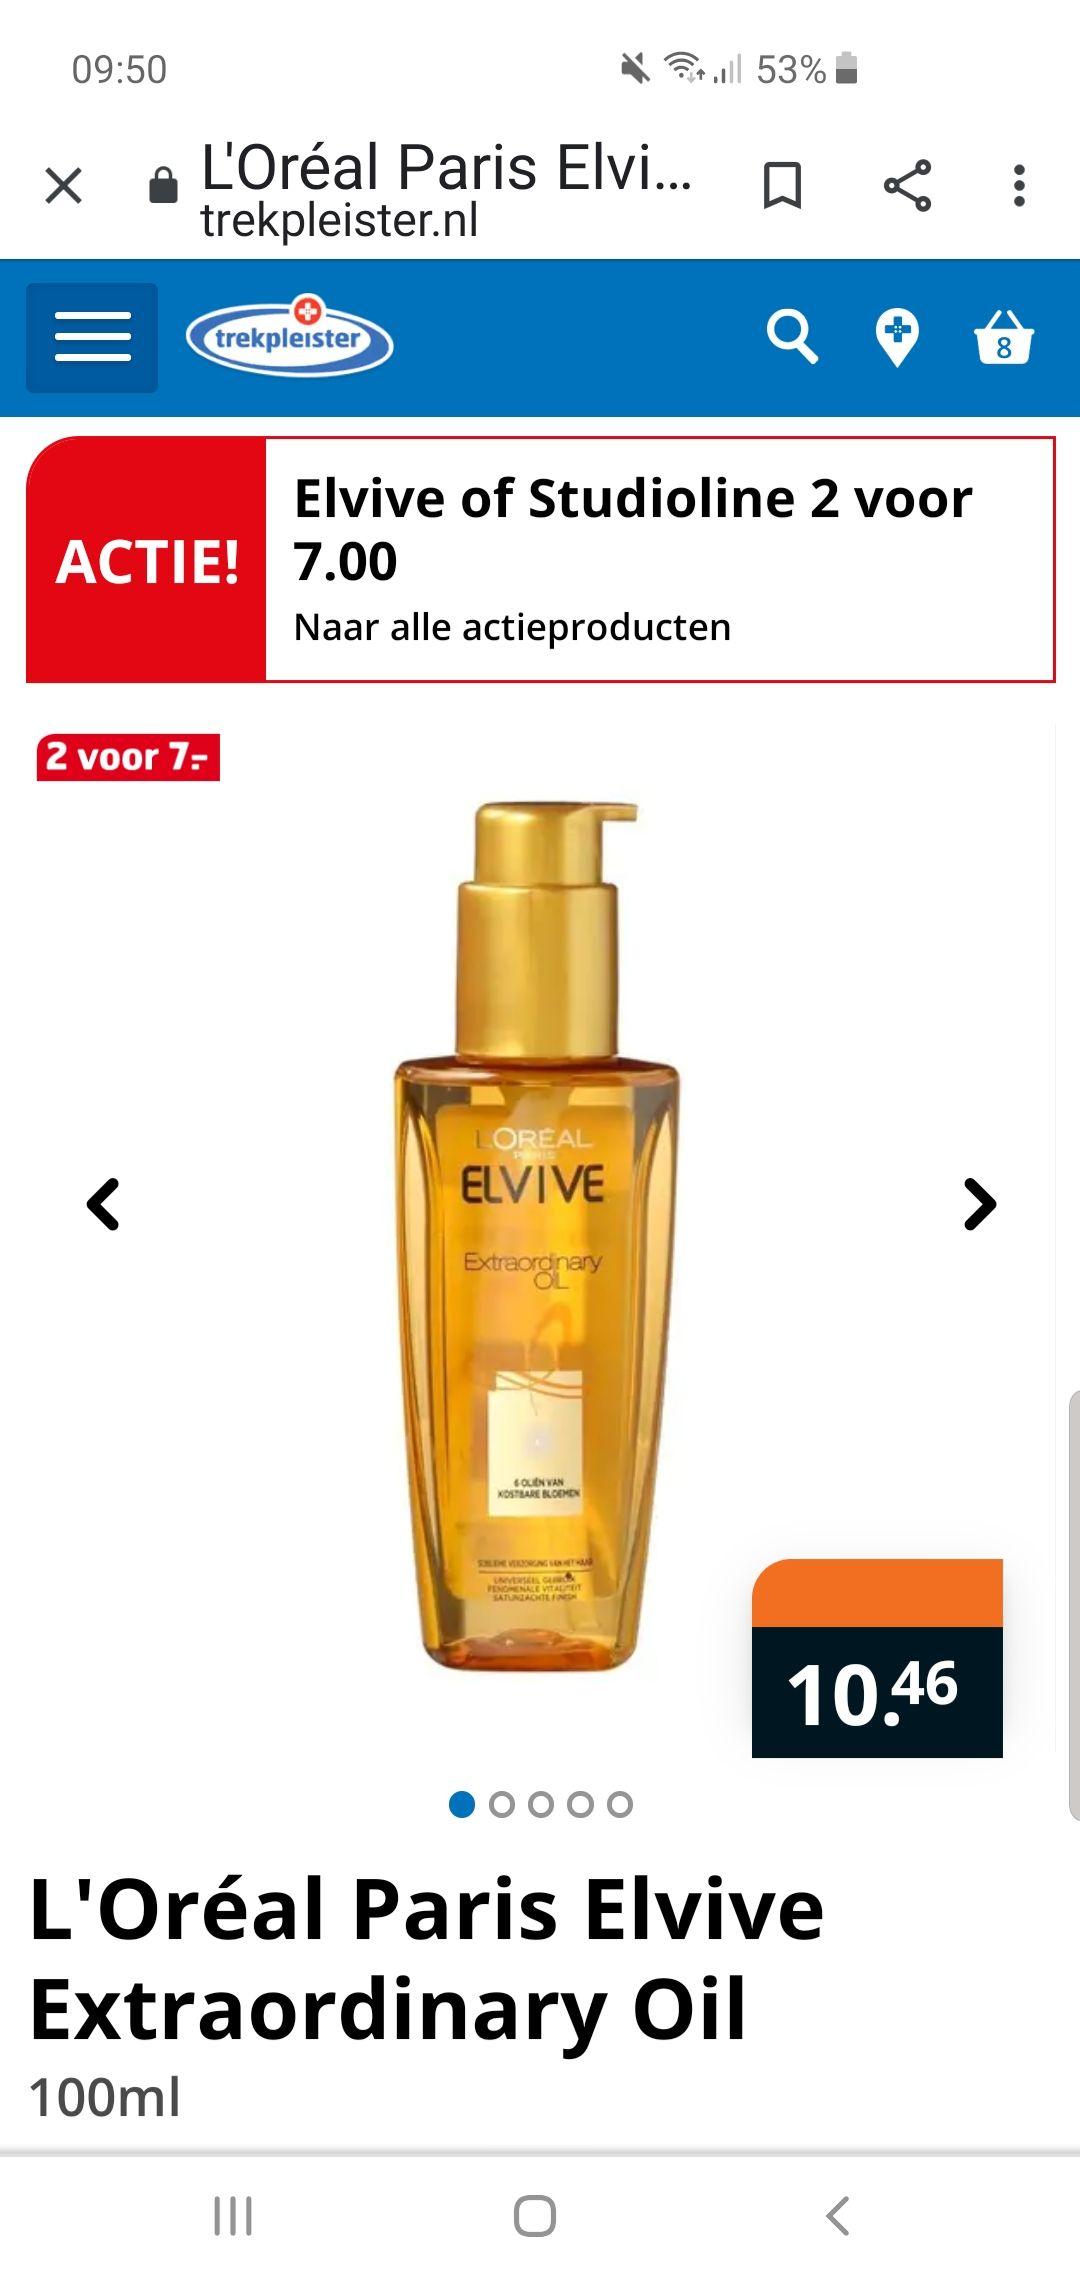 Elvive of Studioline 2 voor €7,-